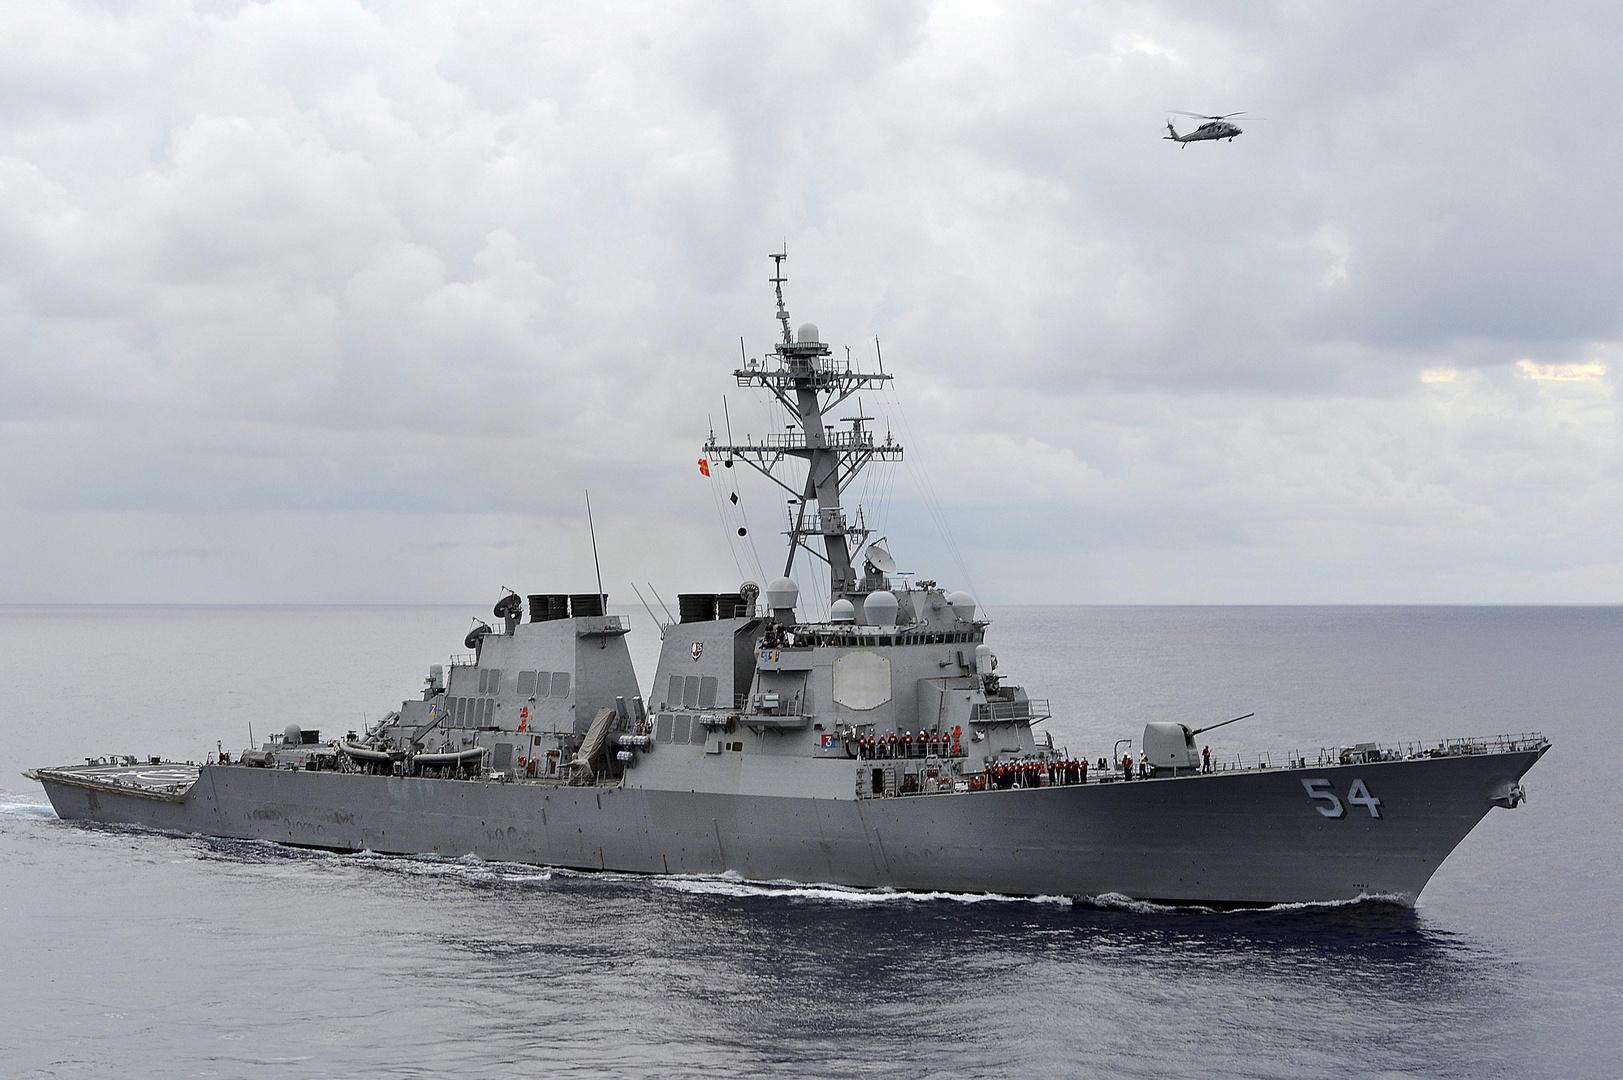 ألمانيا ترسل سفينة حربية إلى بحر الصين الجنوبي للمرة الأولى في عقدين